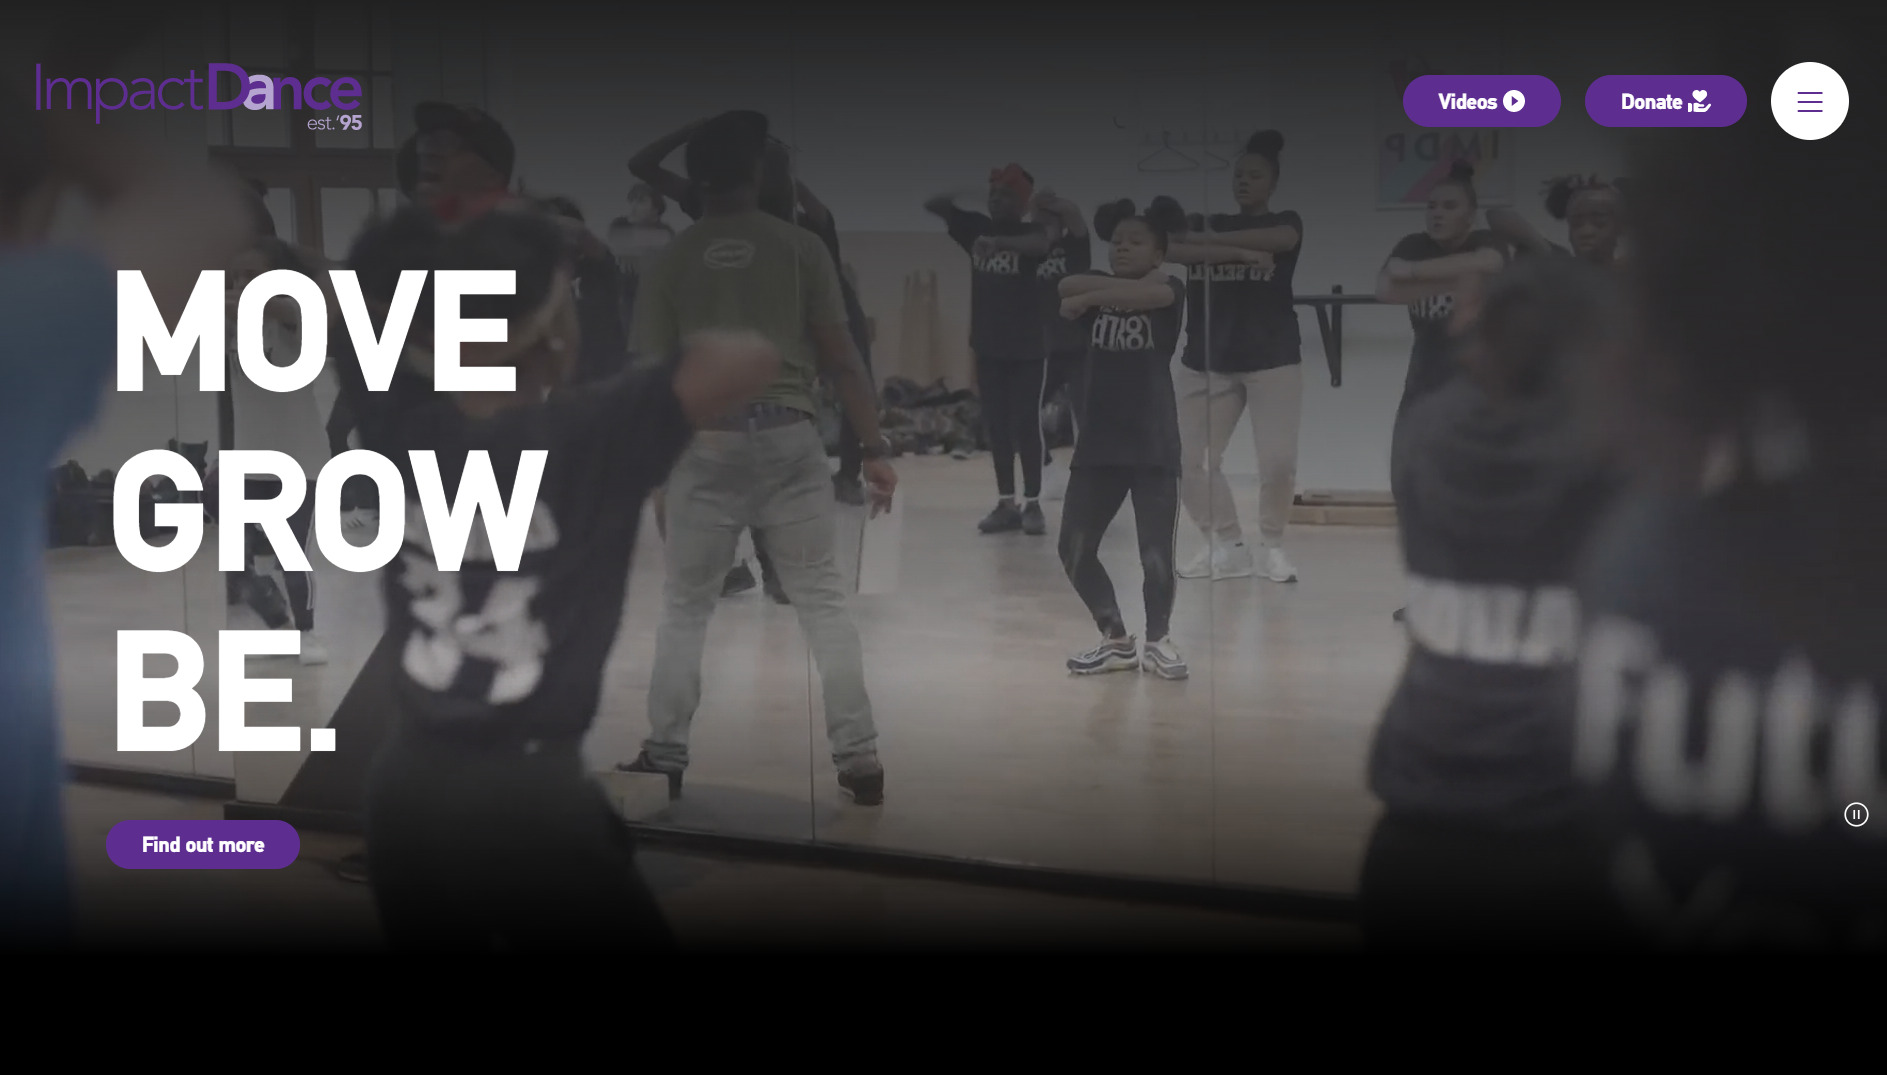 Screengrab of Impact Dance's website